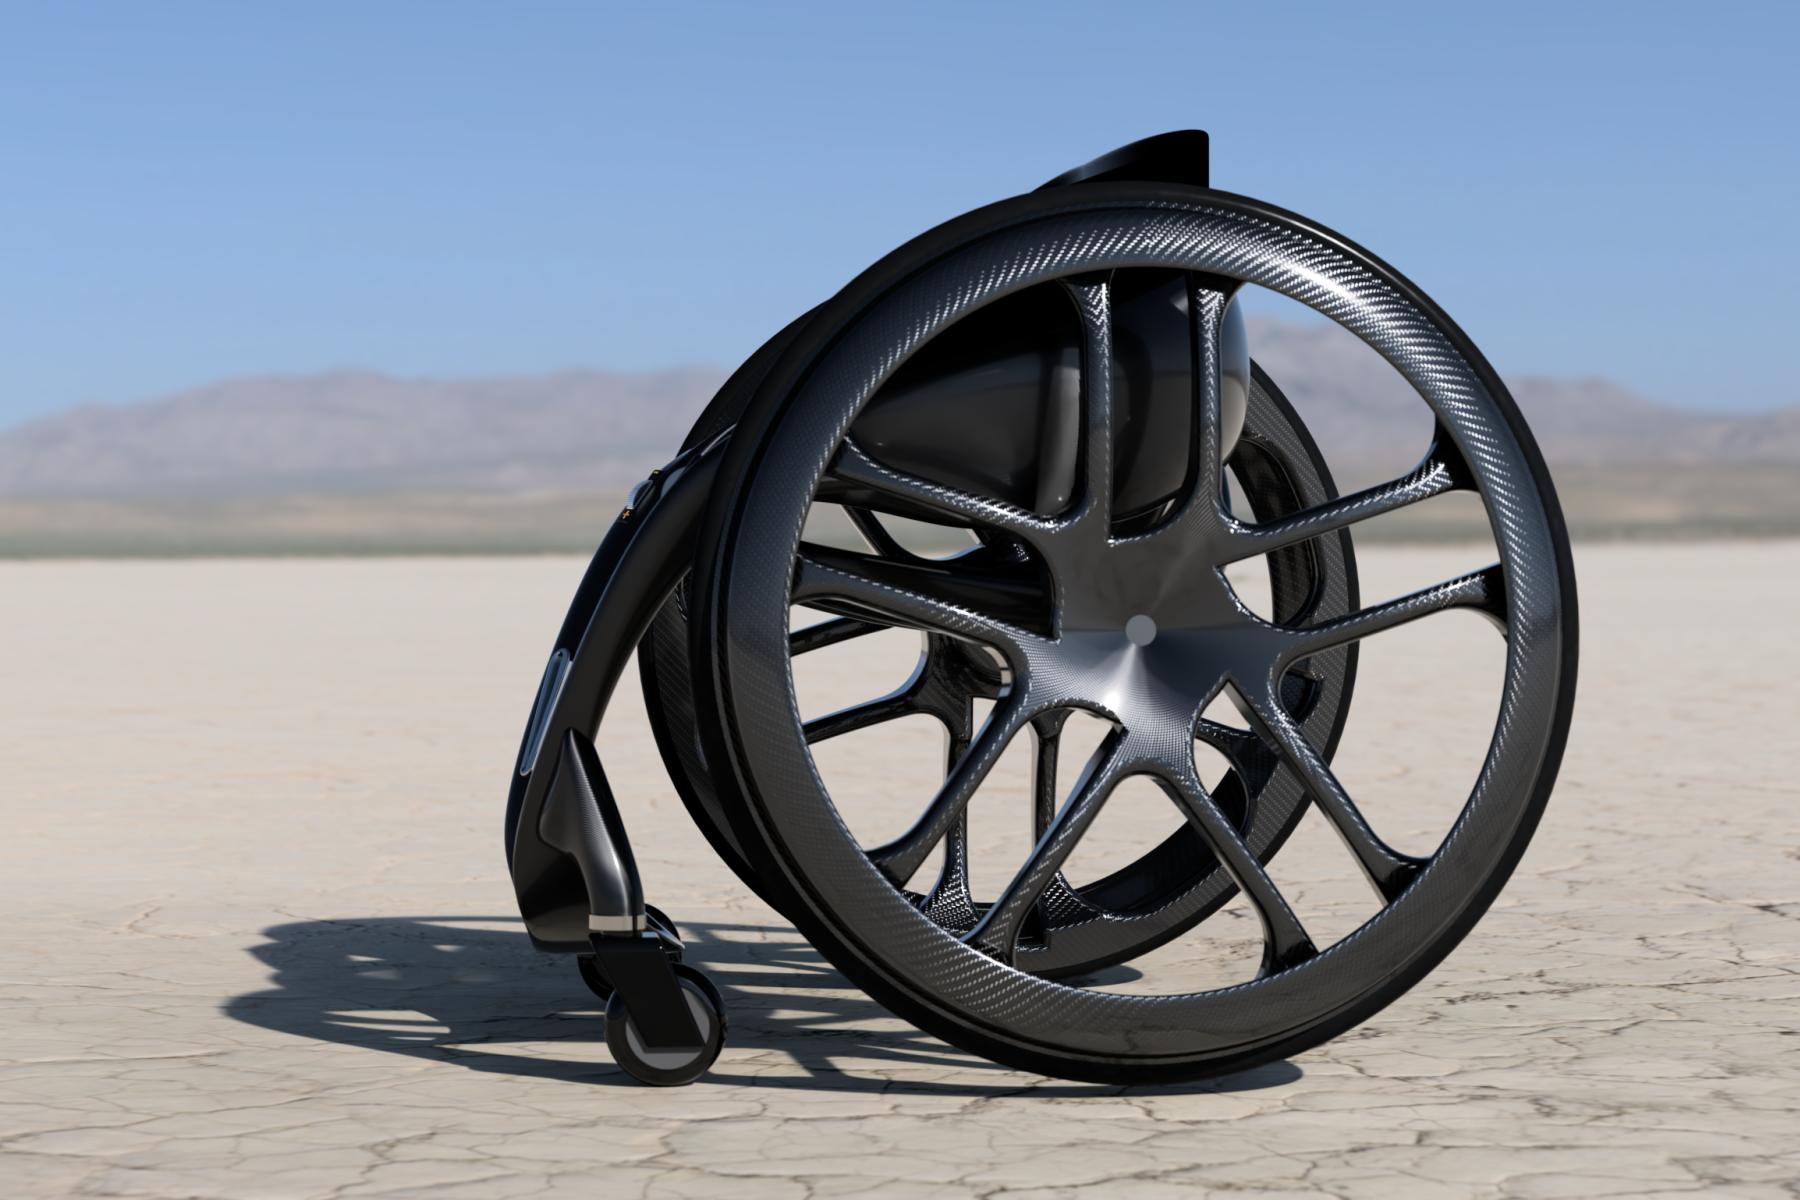 Phoenix Instinct wheelchair concept